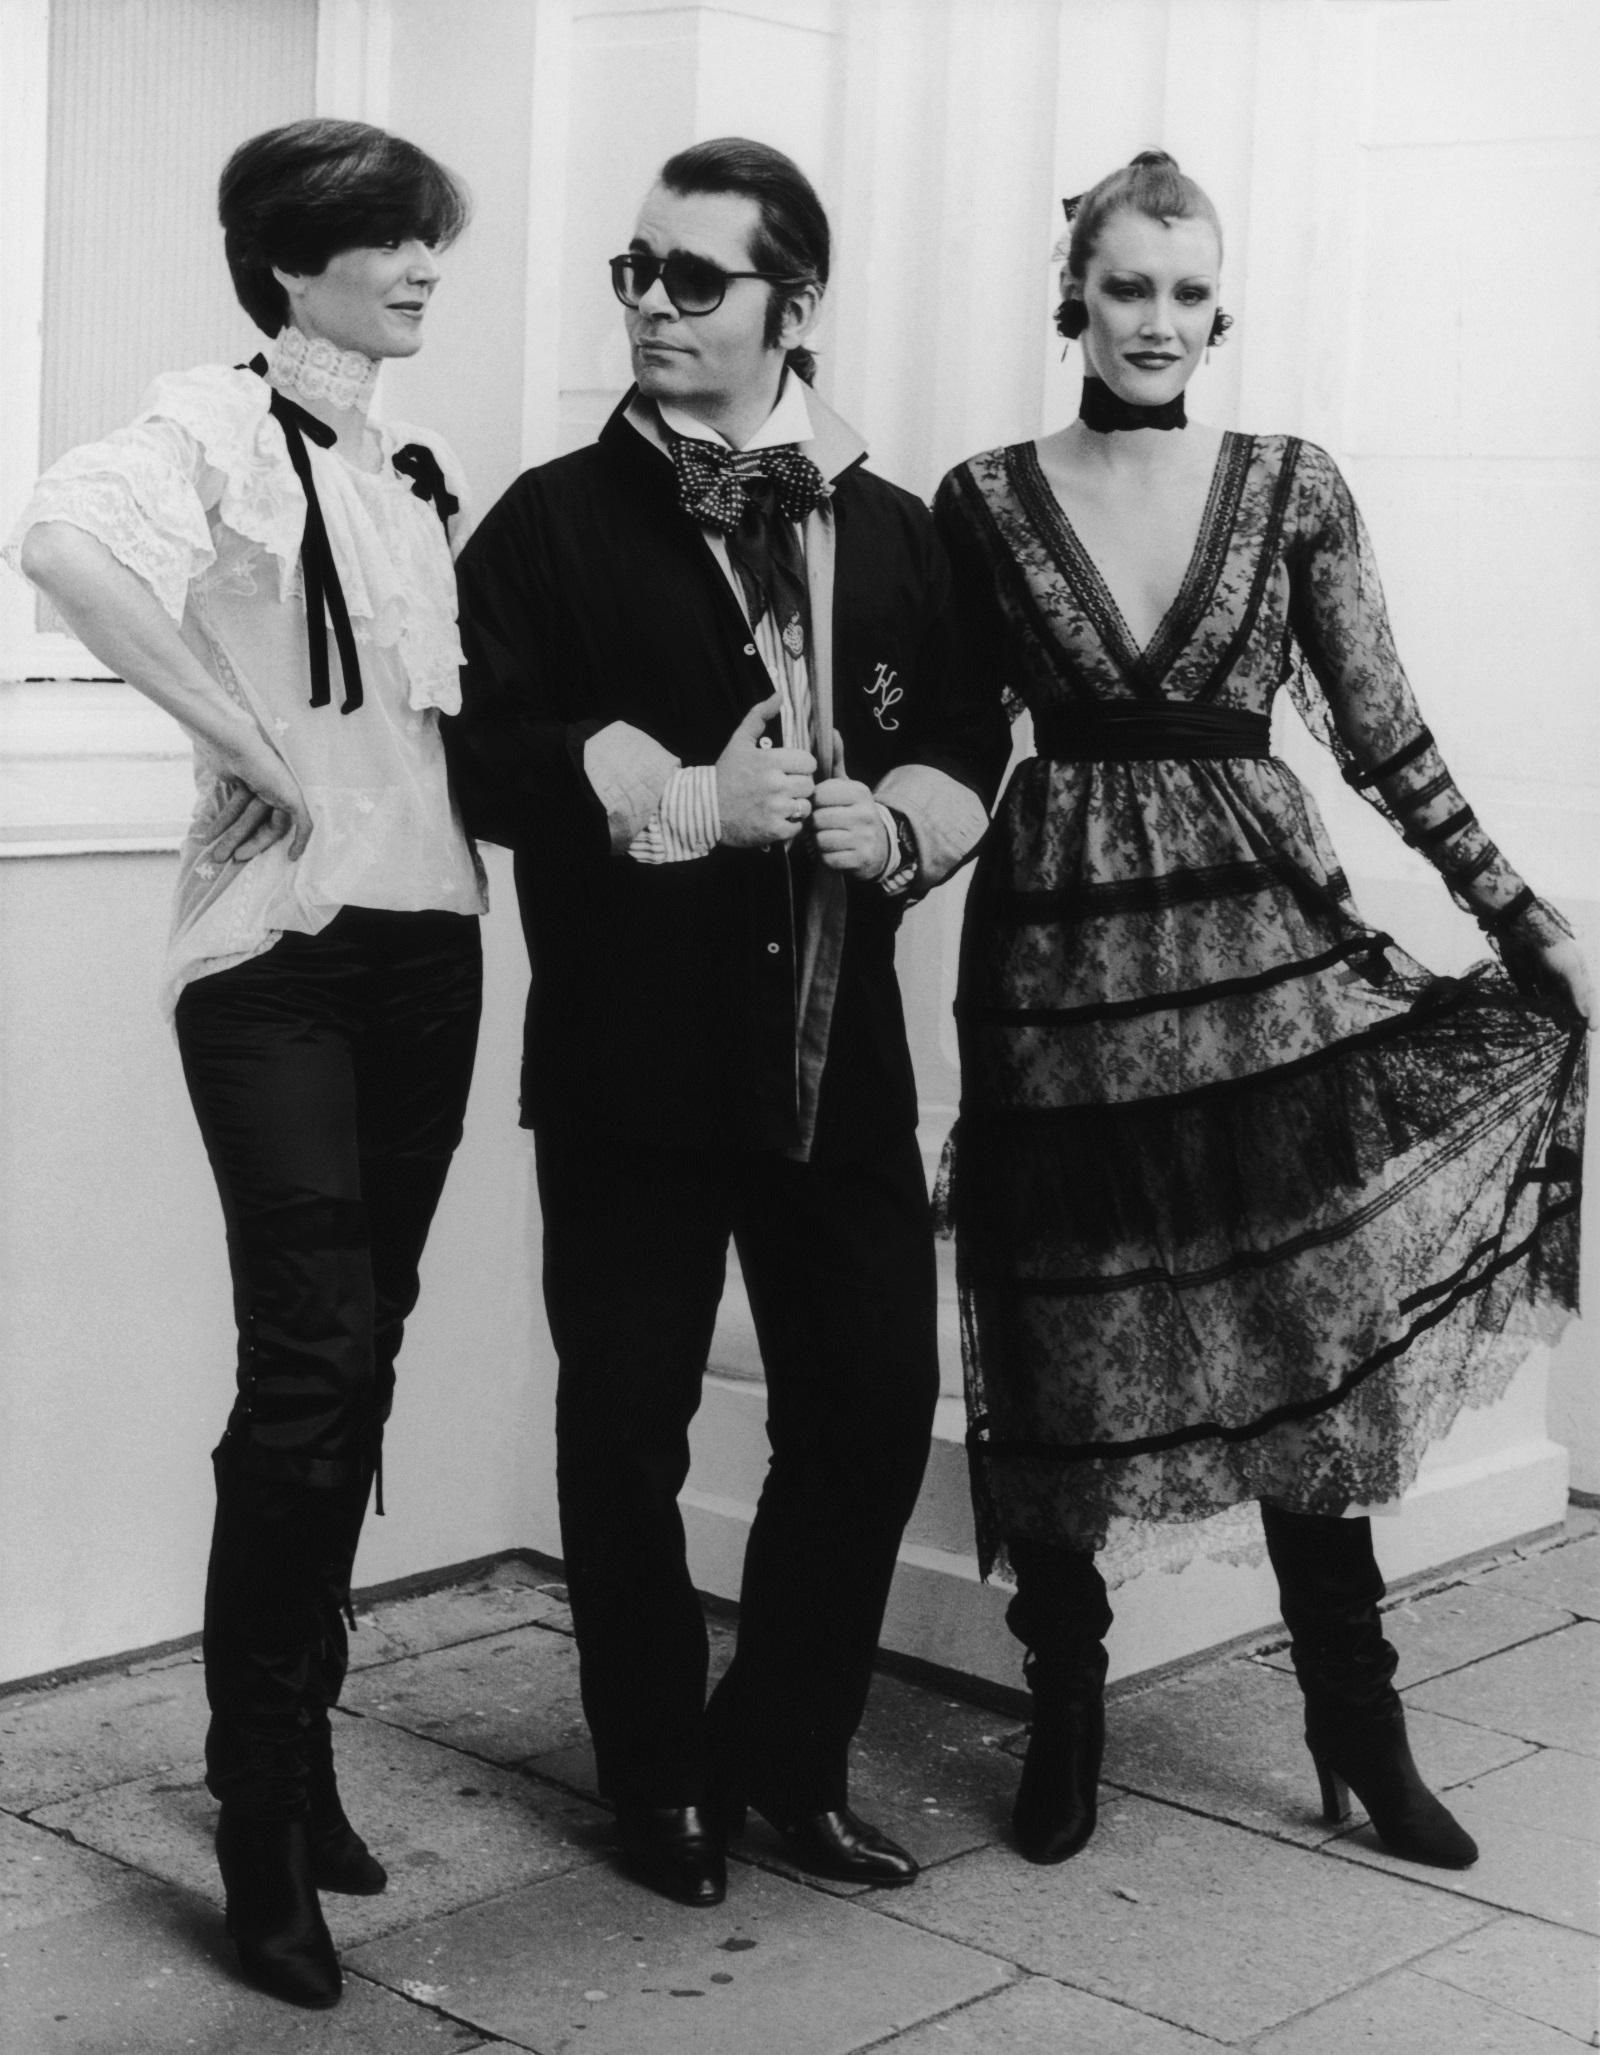 """Творческият директор на """"Шанел""""бе една от най-известнитефигури в модната индустрияи работи практически до смъртта си.Лагерфелд създавашеколекции и за собствената си марка, и модната къща """"Фенди""""."""